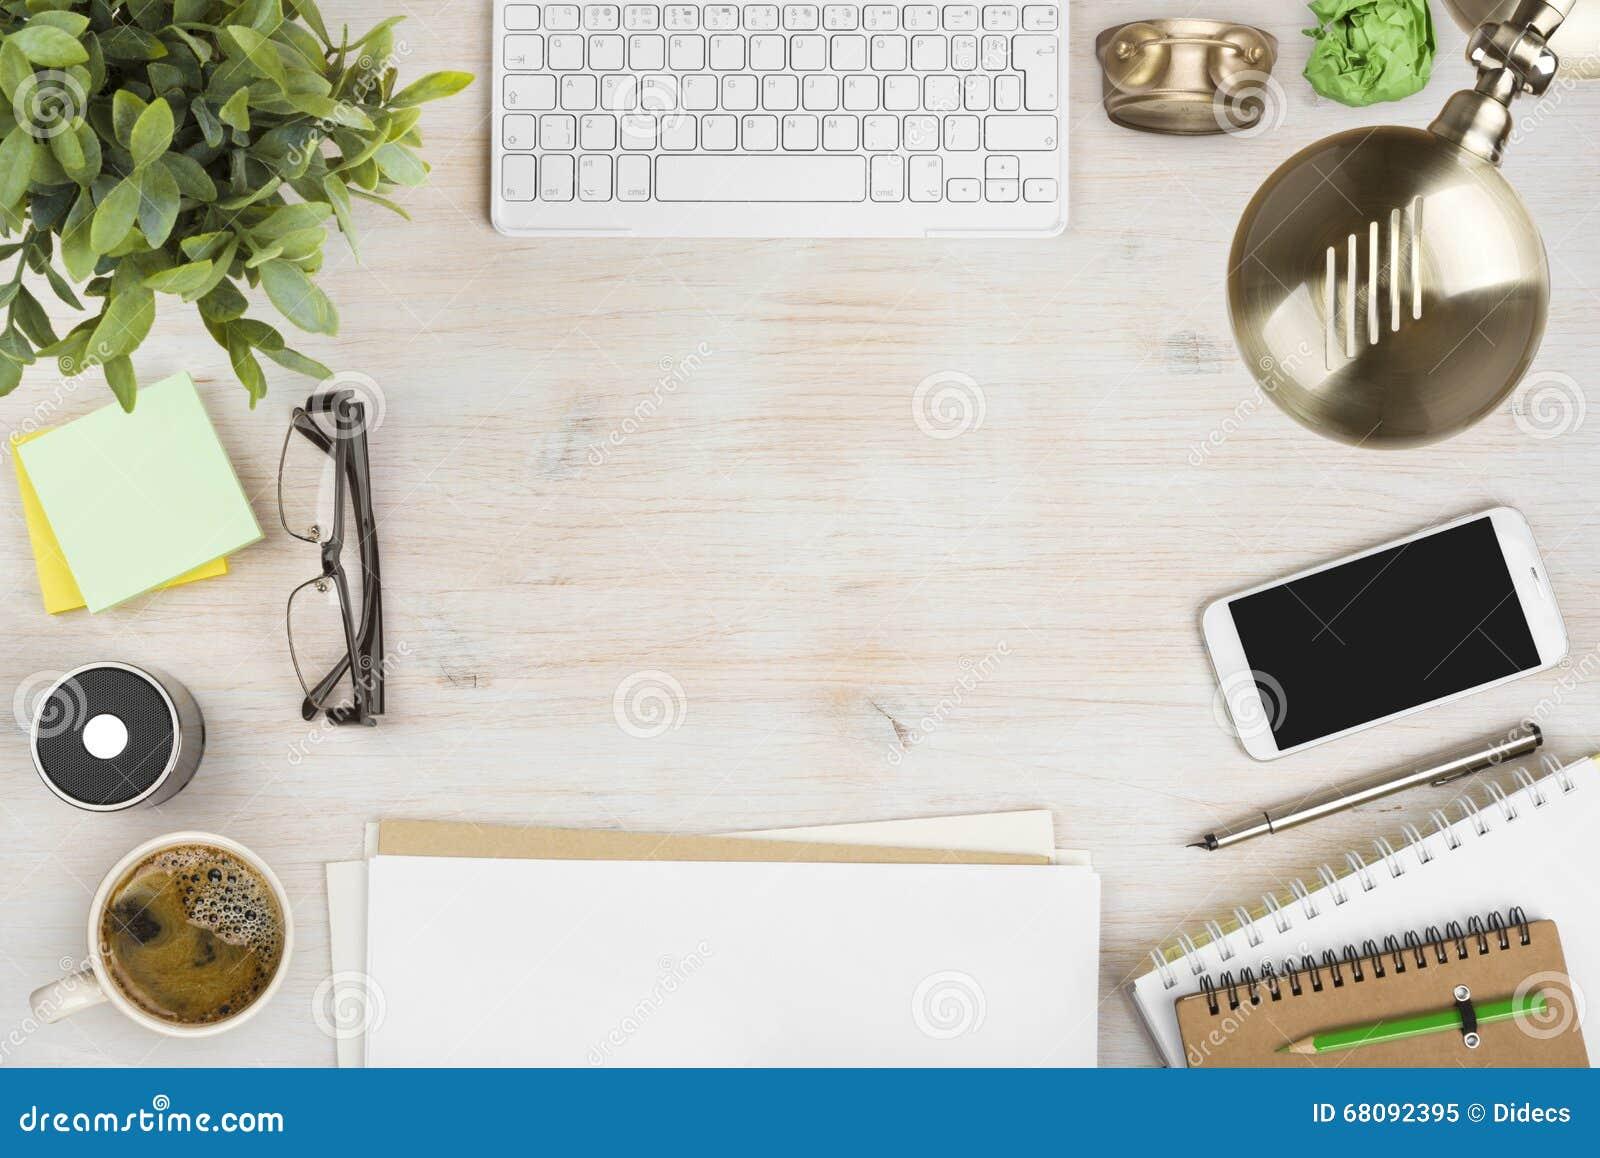 Drewniany biurowy desktop widok z materiały i komputerowymi akcesoriami